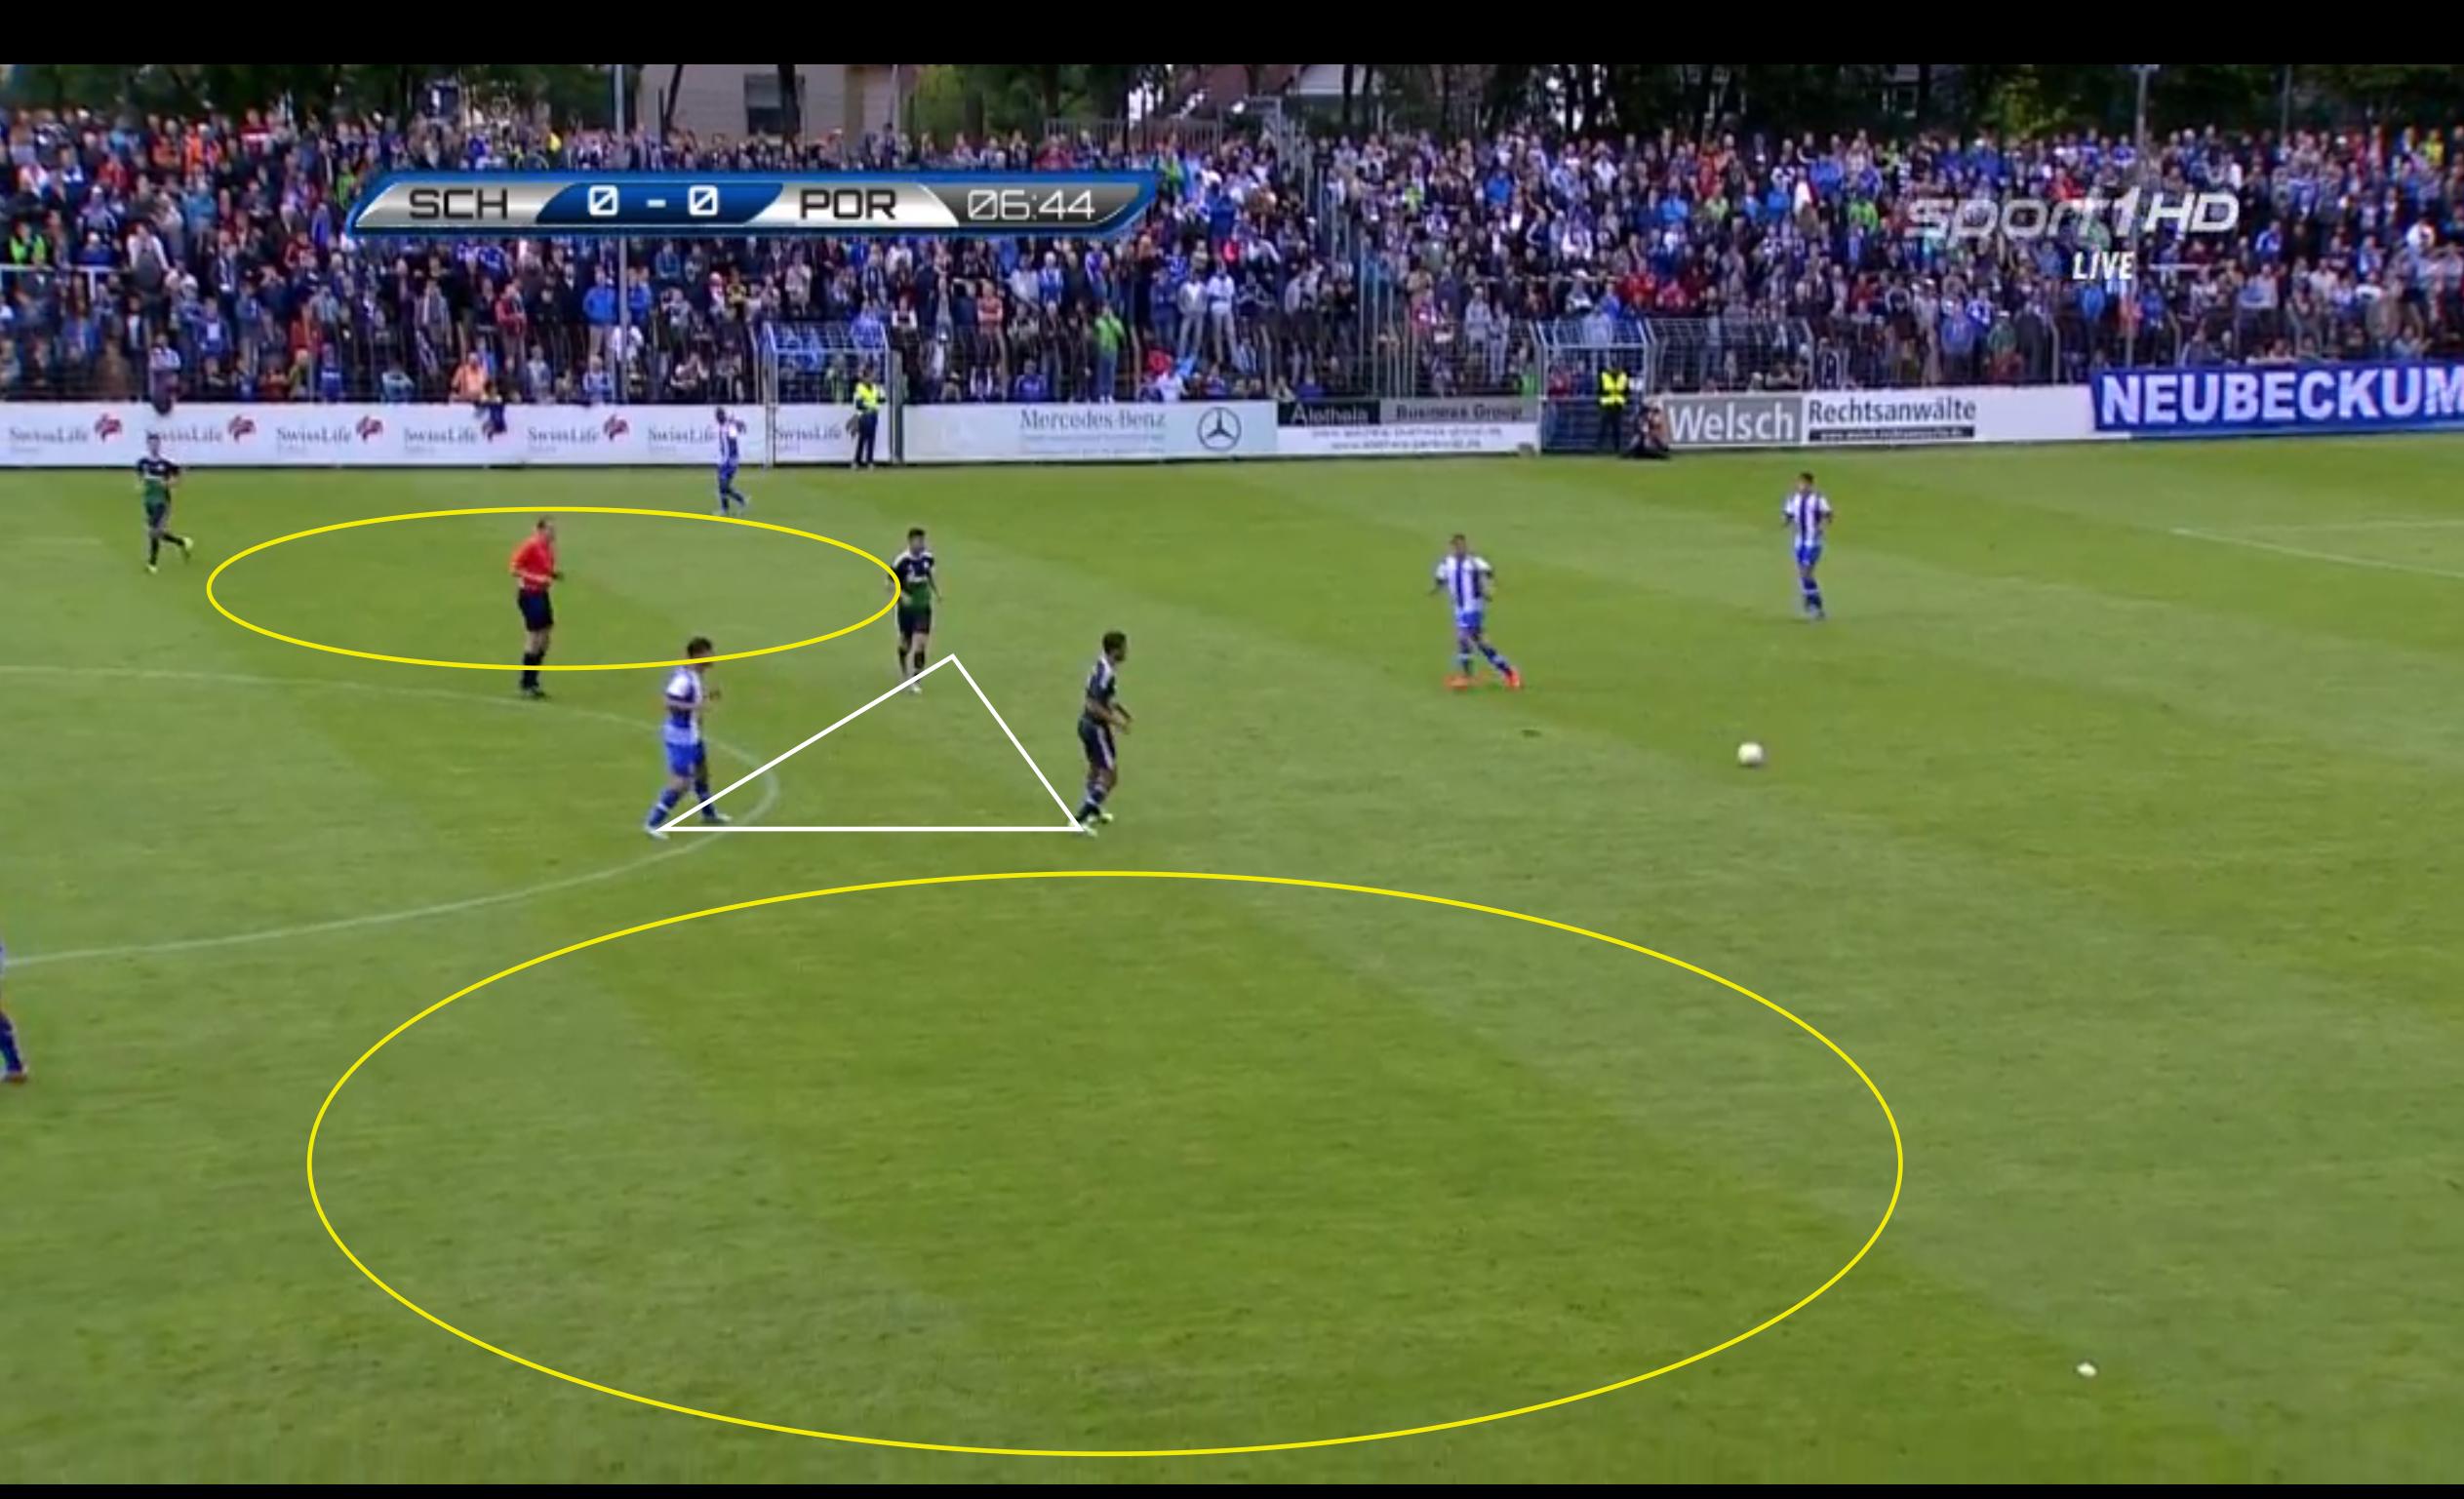 Tieferes 4-4-2: Schalke im tieferen 4-4-2. Enge Stürmer, die die Sechser im Deckungsschatten behalten und das Ballbesitzspiel um den geschlossenen Block nach außen lenken wollen.